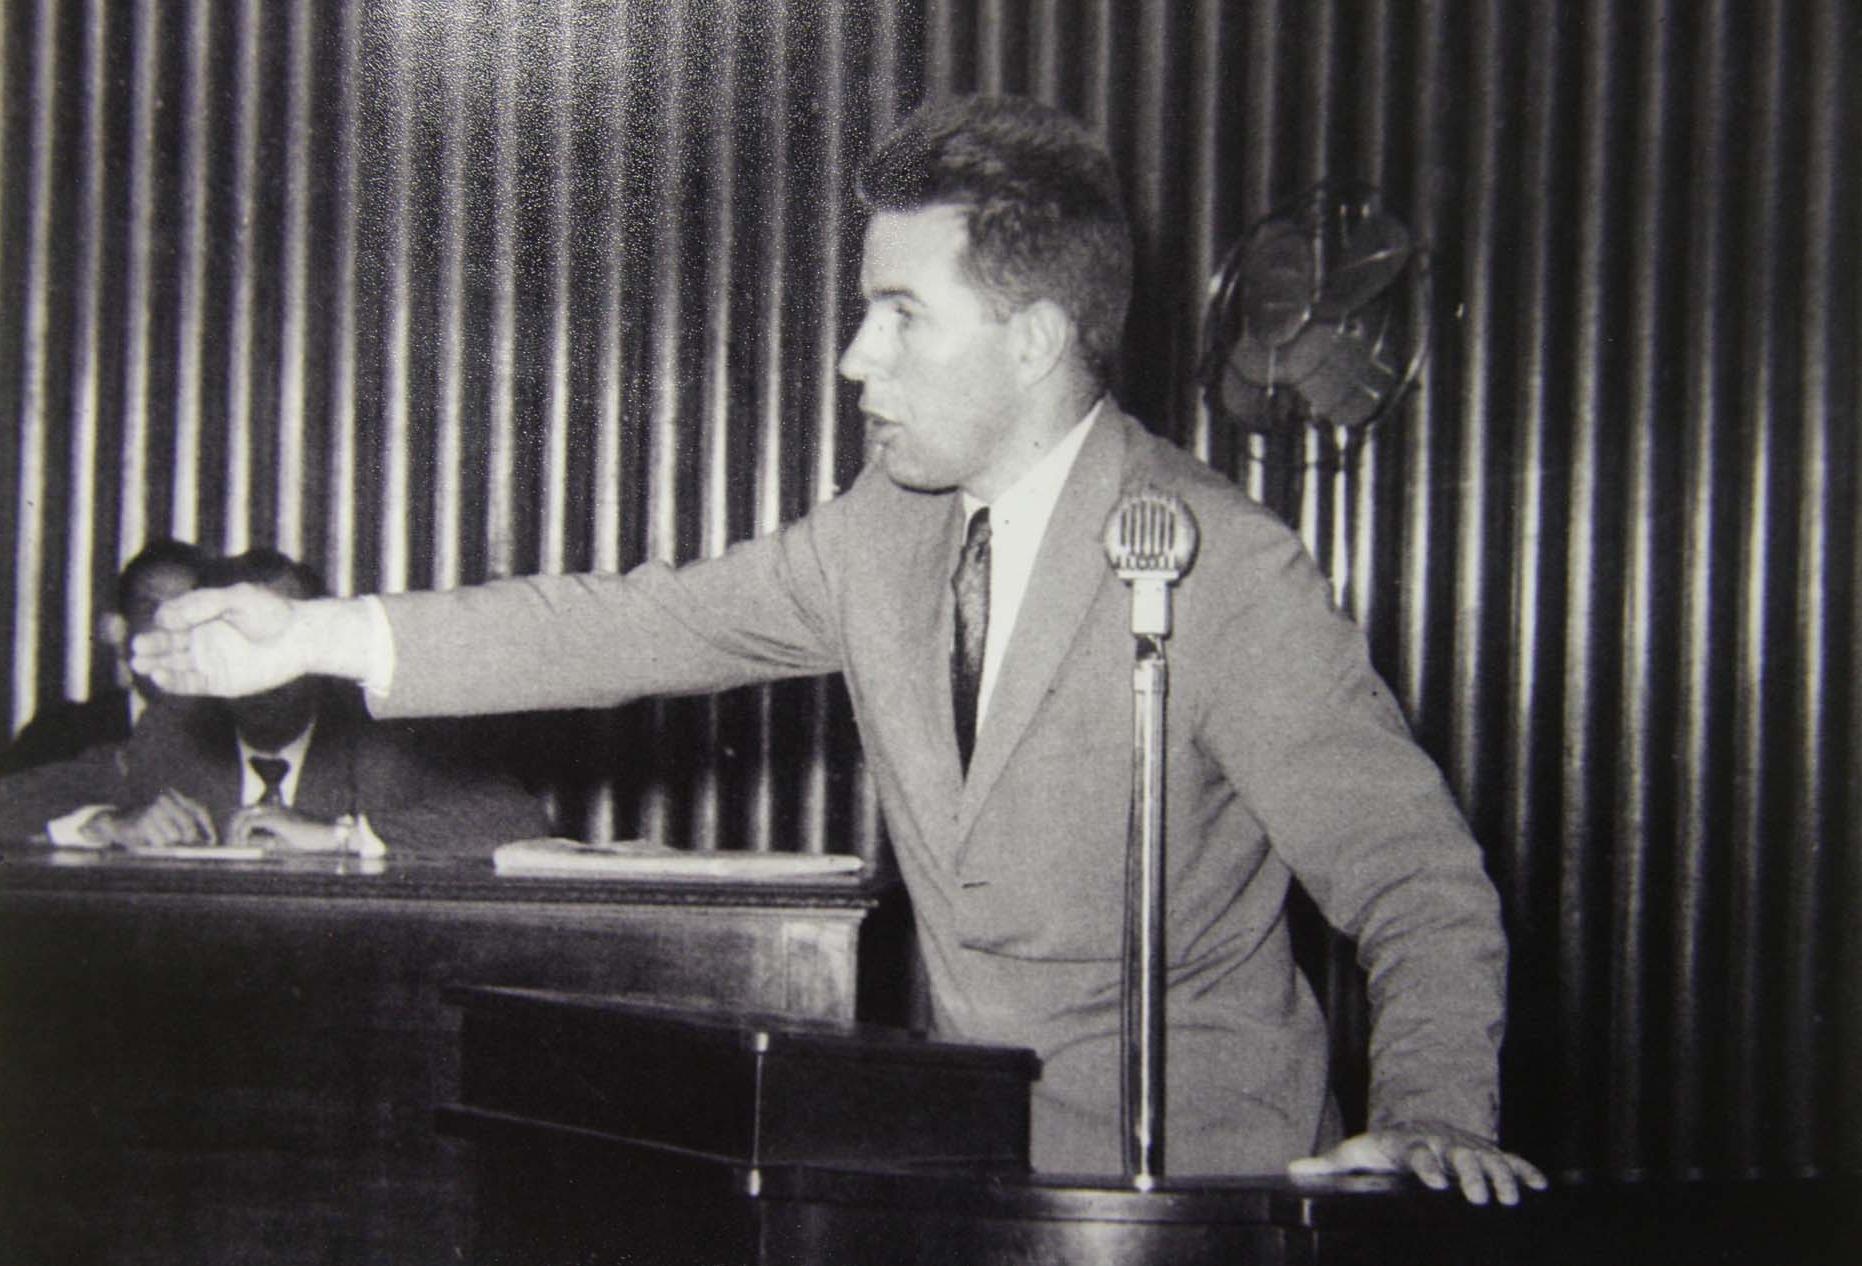 Stuart Wright foi eleito deputado estadual em 1963, pelo PSP (Partido Social Progressista), mas foi cassado meses depois, acusado de falta de decoro, por pressão dos militares - Agência AL/Reprodução/ND